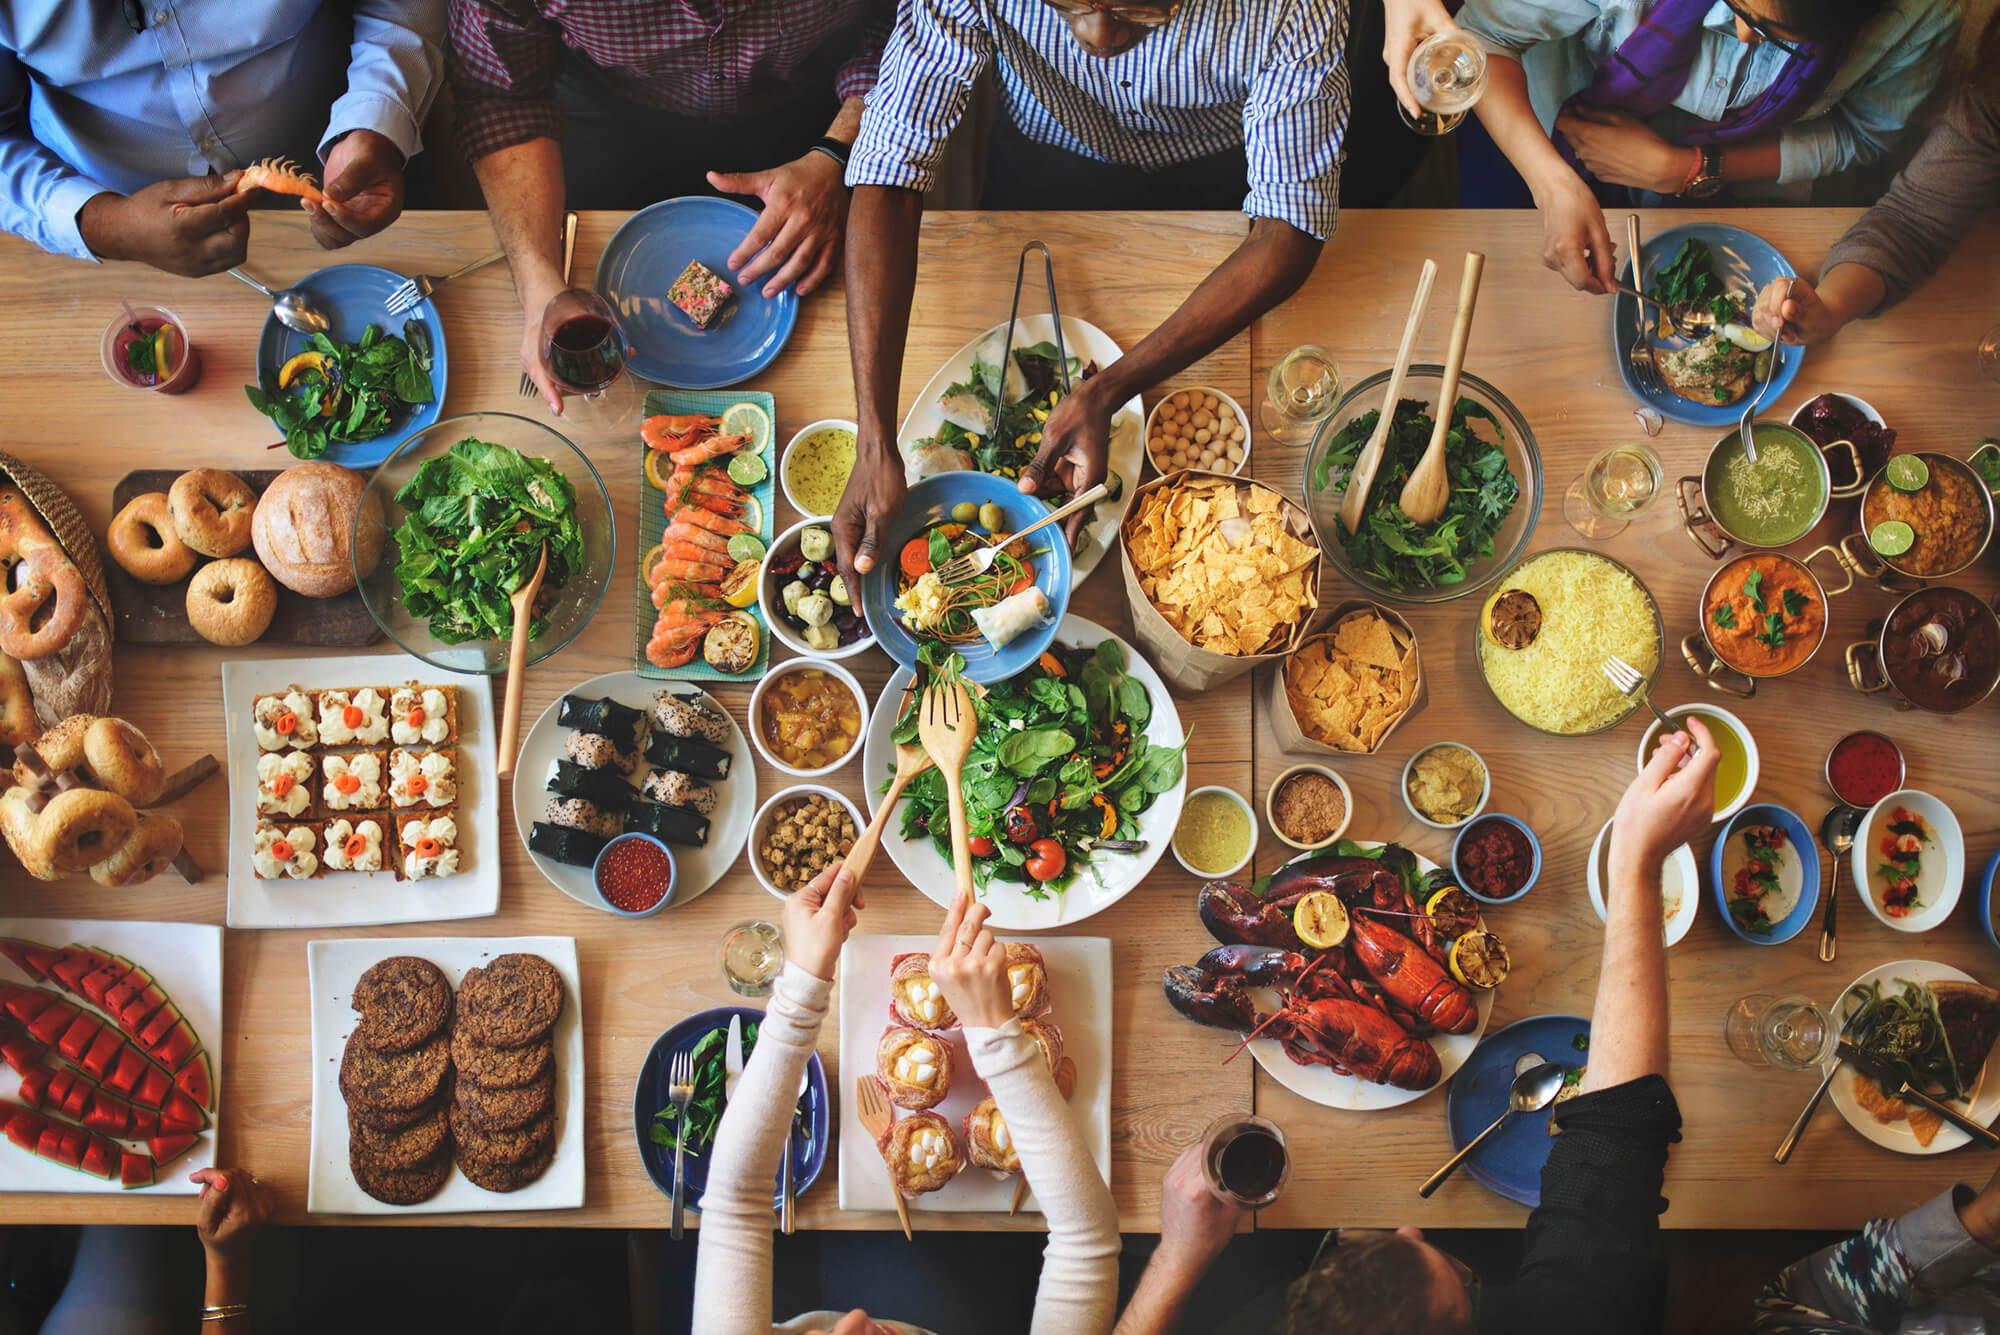 Food Fest, Overindulgence and Sleep